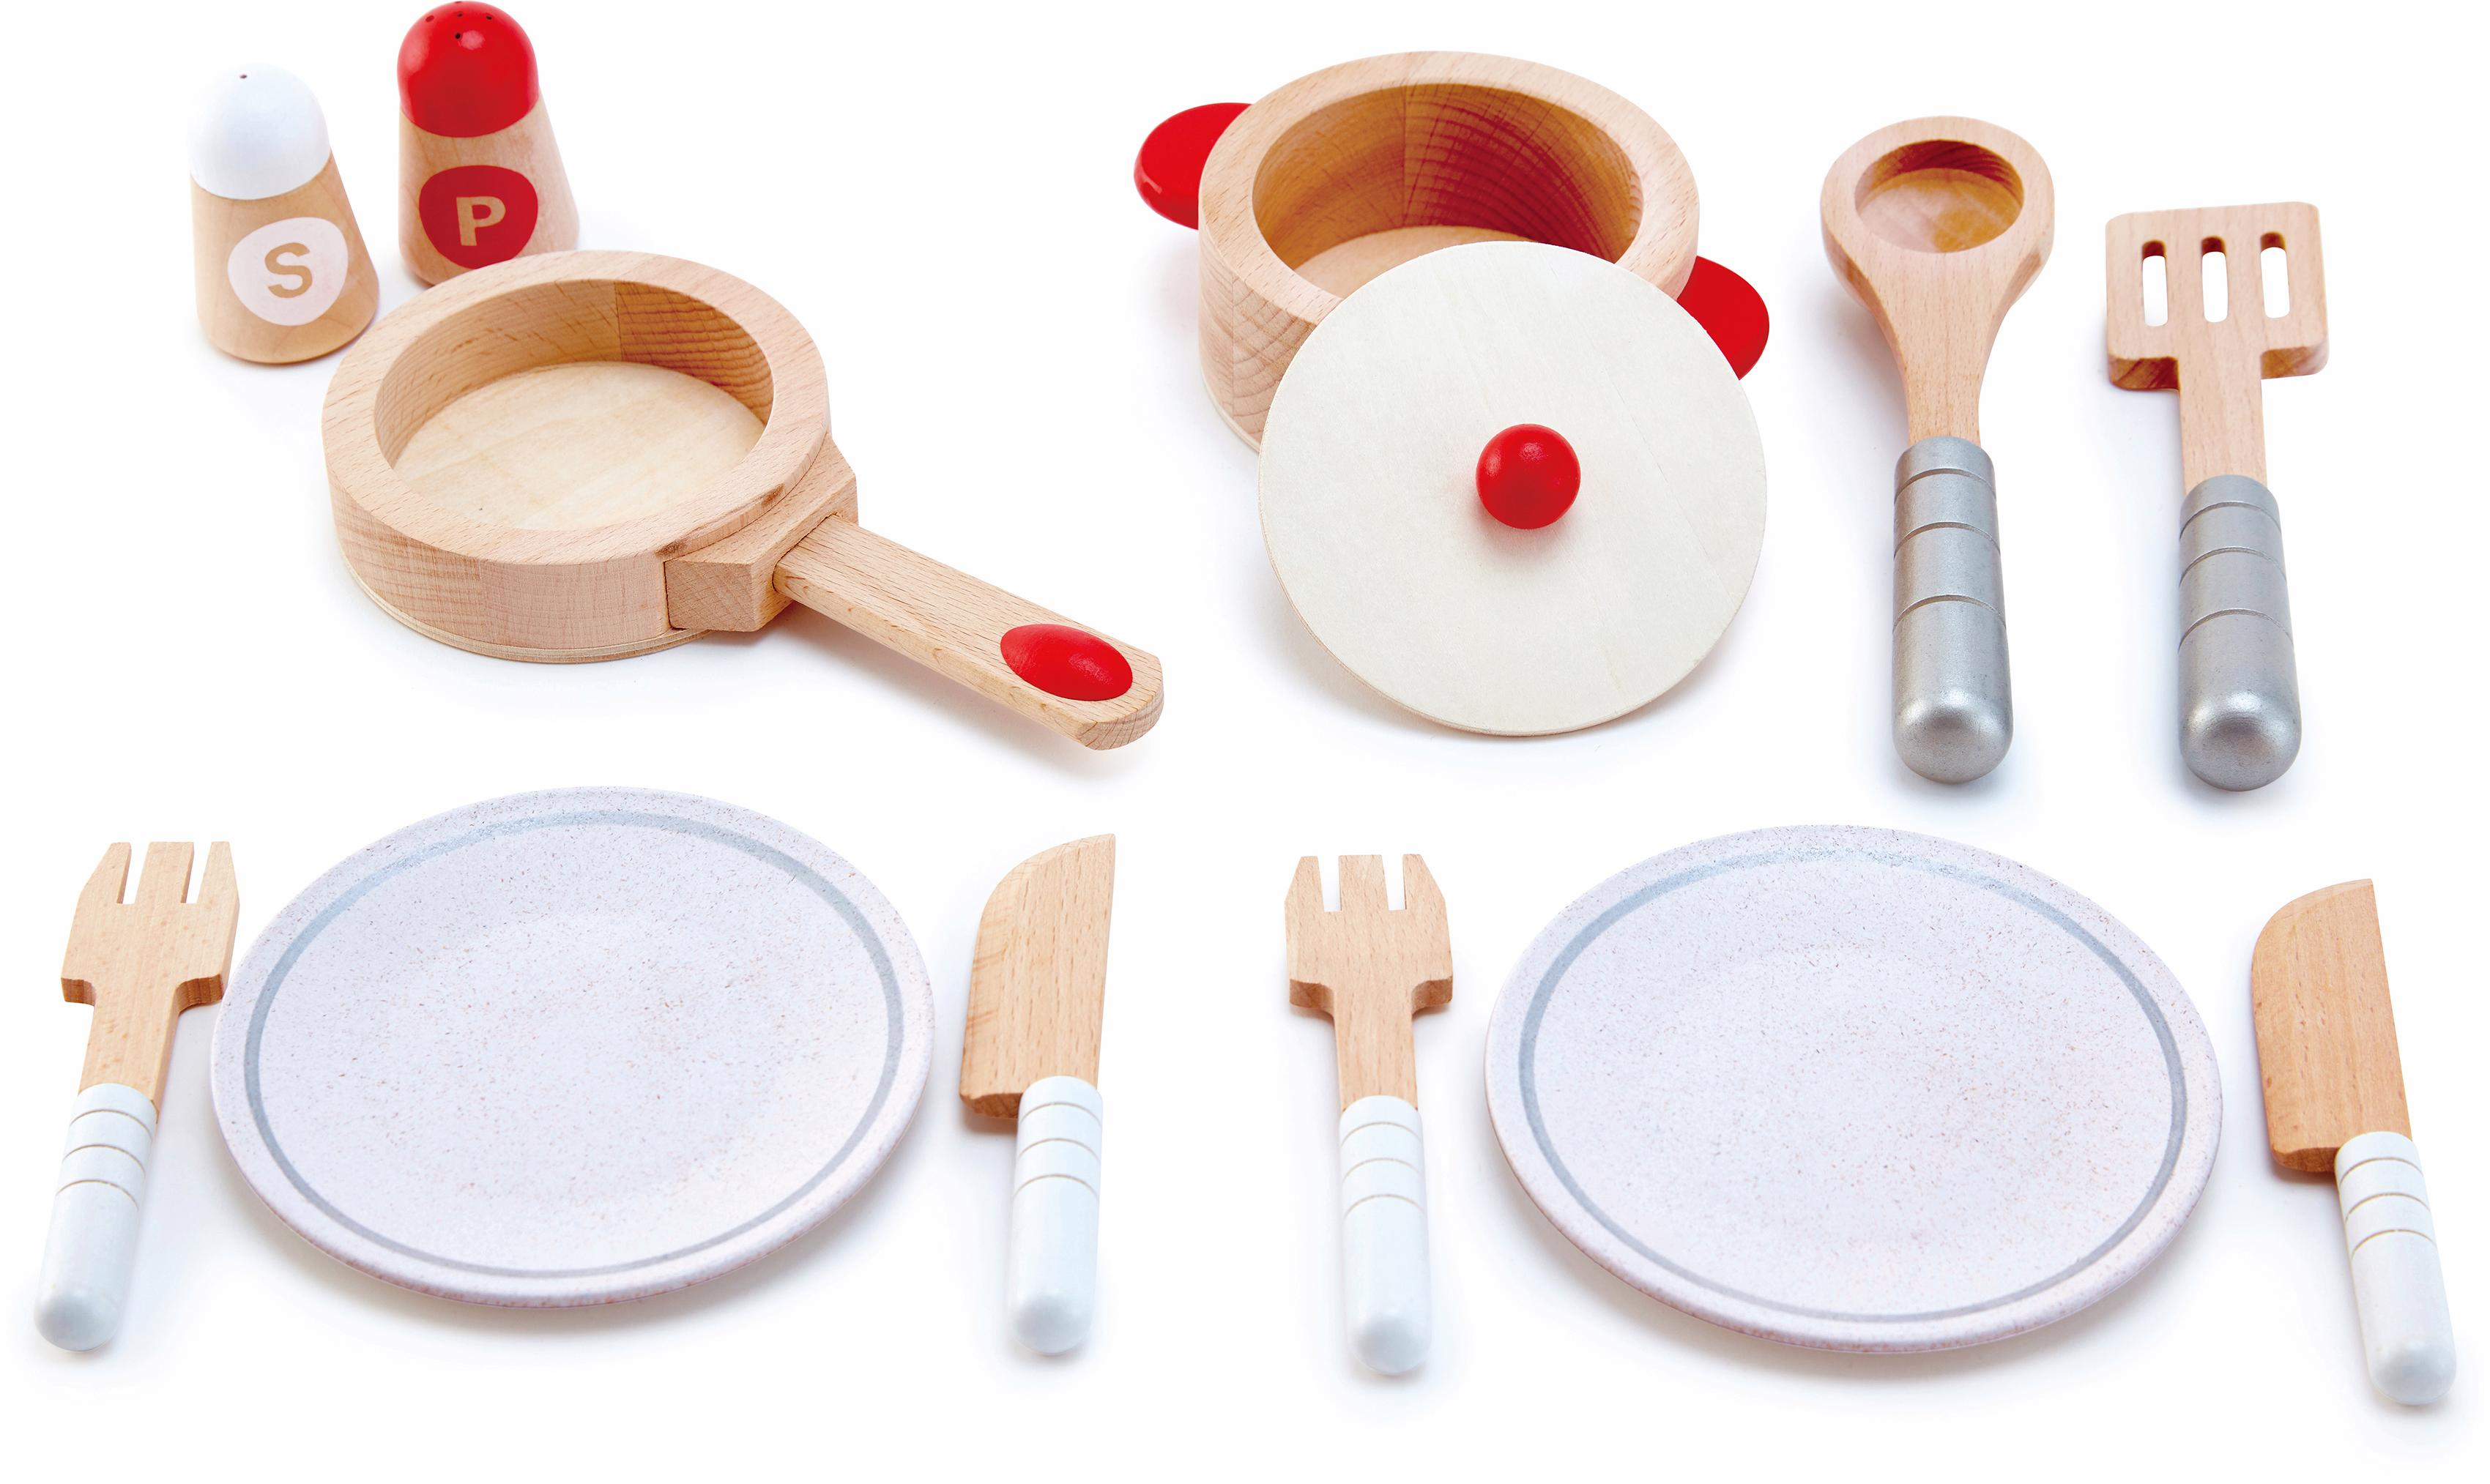 Hape Spielgeschirr Koch- & Servierset, 13-tlg., (Set, 13-tlg.) bunt Kinder Ab 3-5 Jahren Altersempfehlung